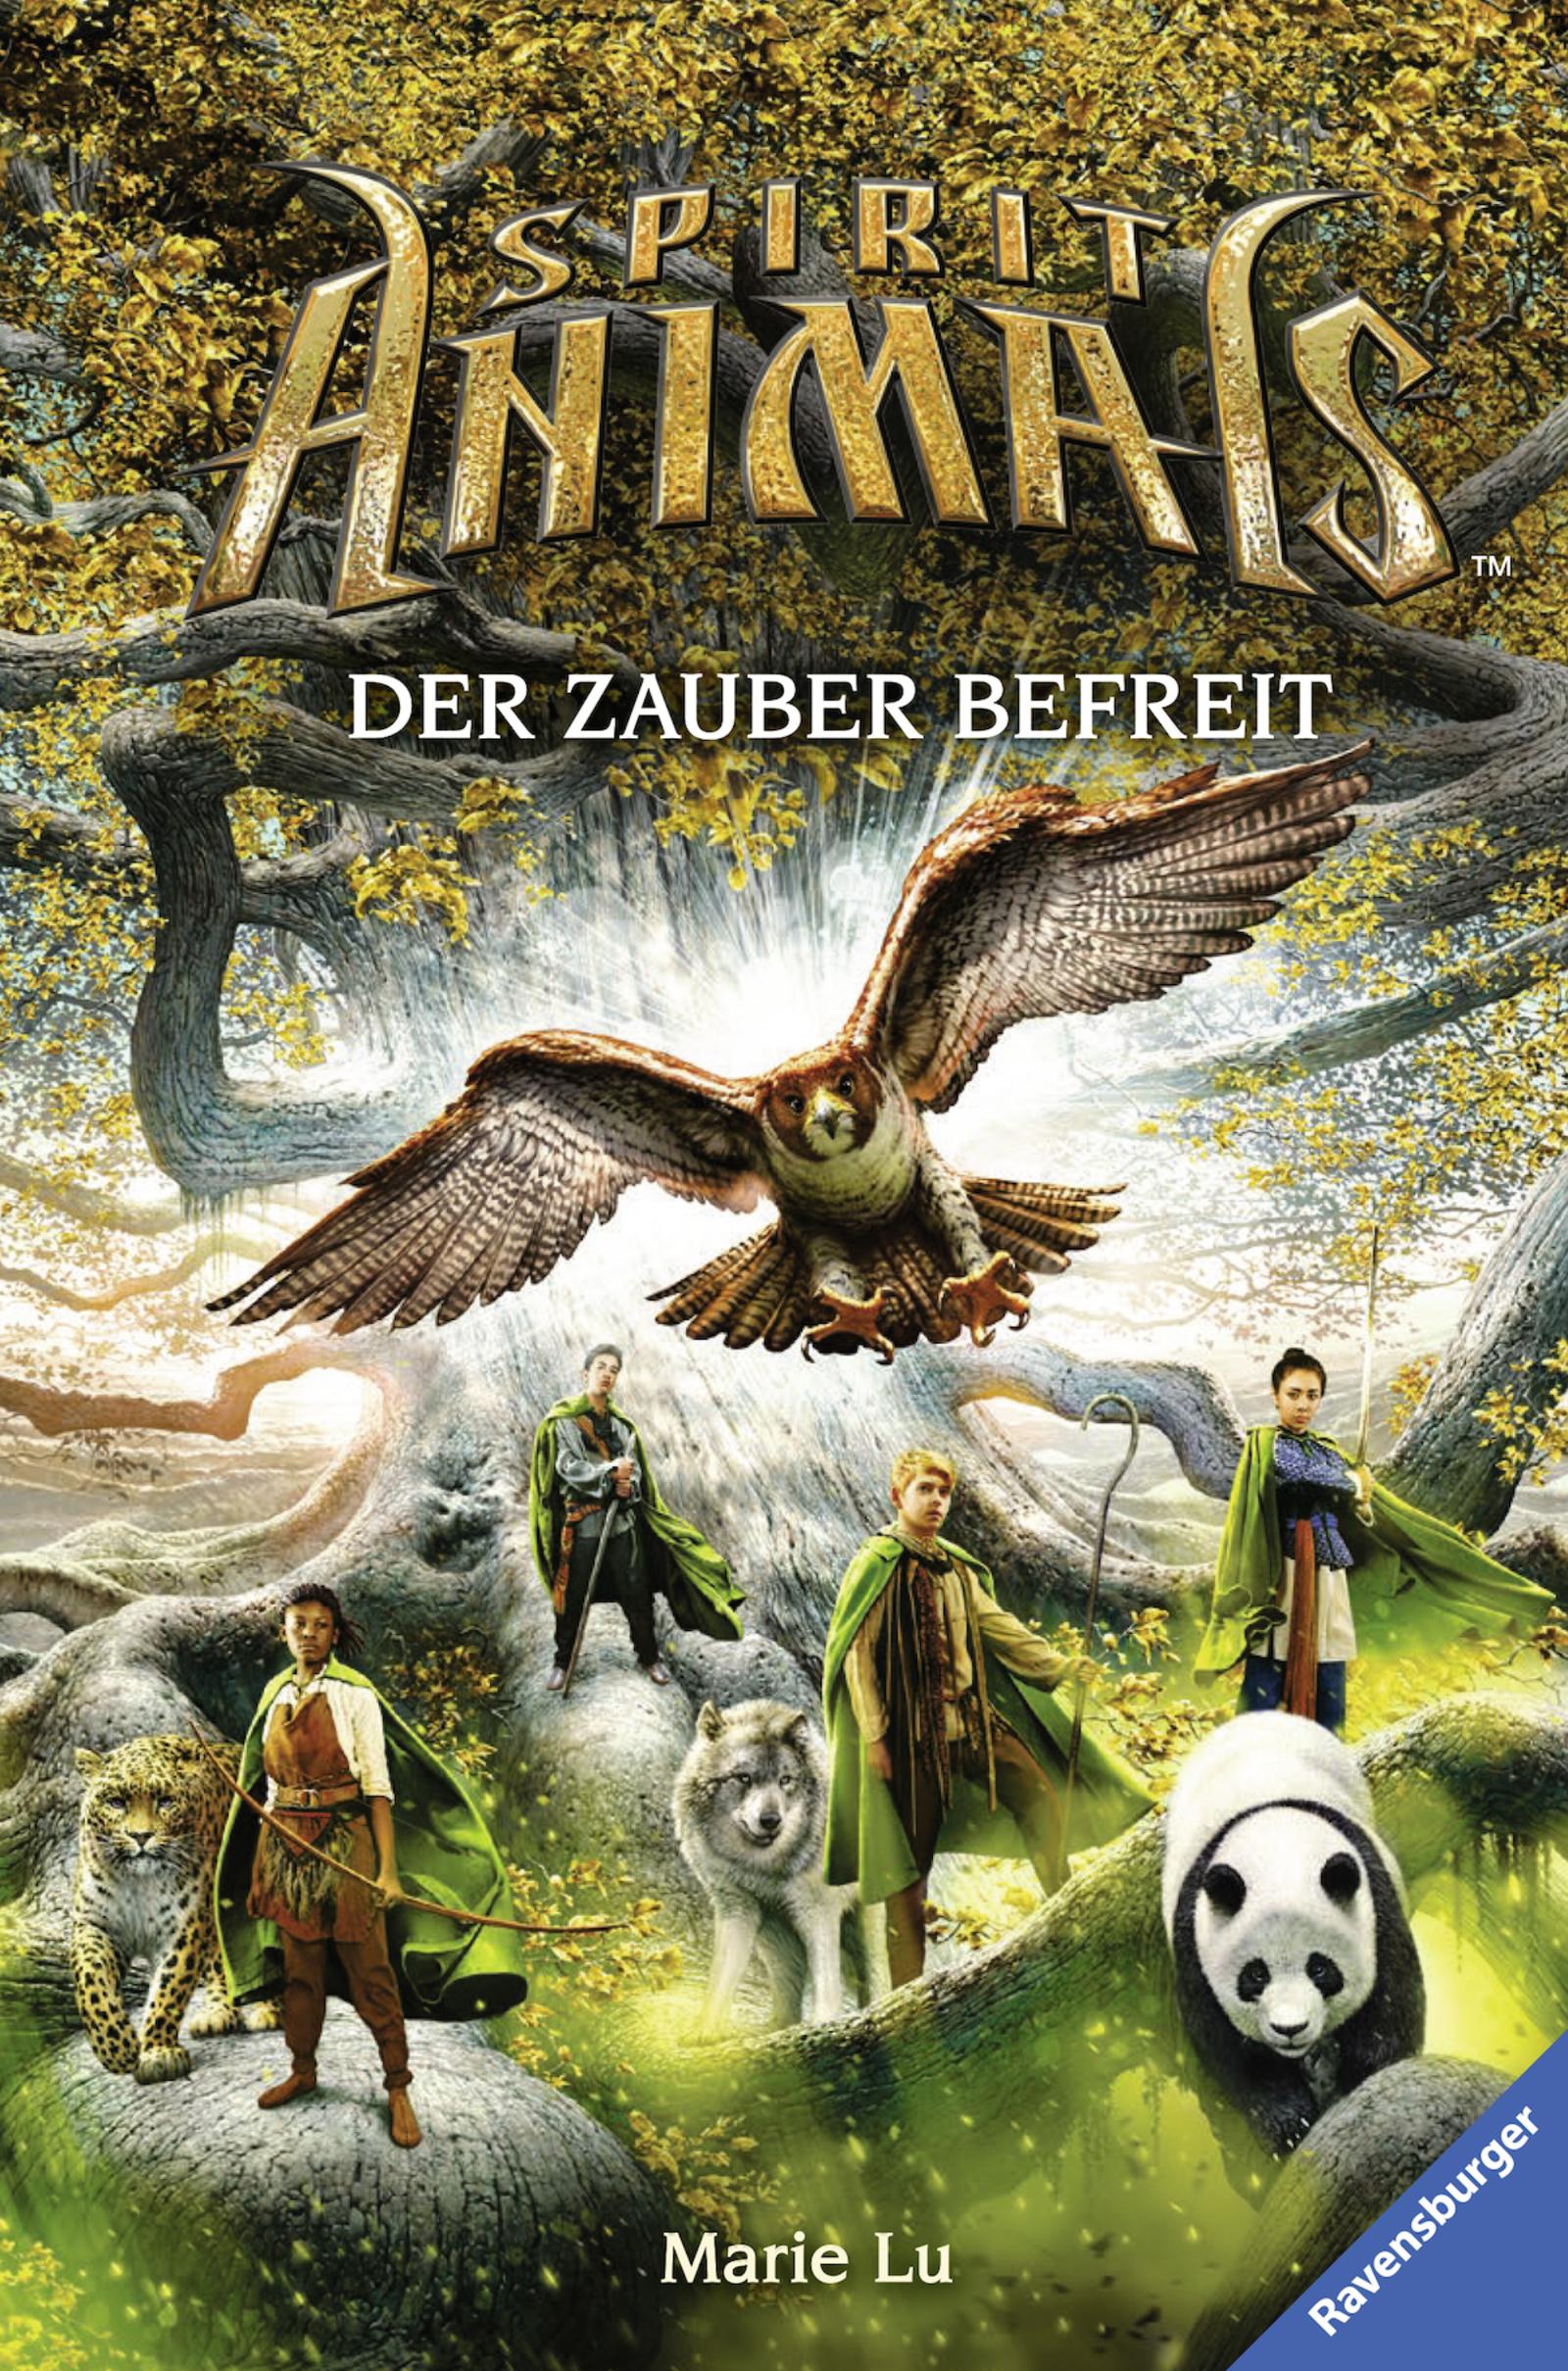 Spirit-Animals-Band-7-Der-Zauber-befreit-Marie-Lu